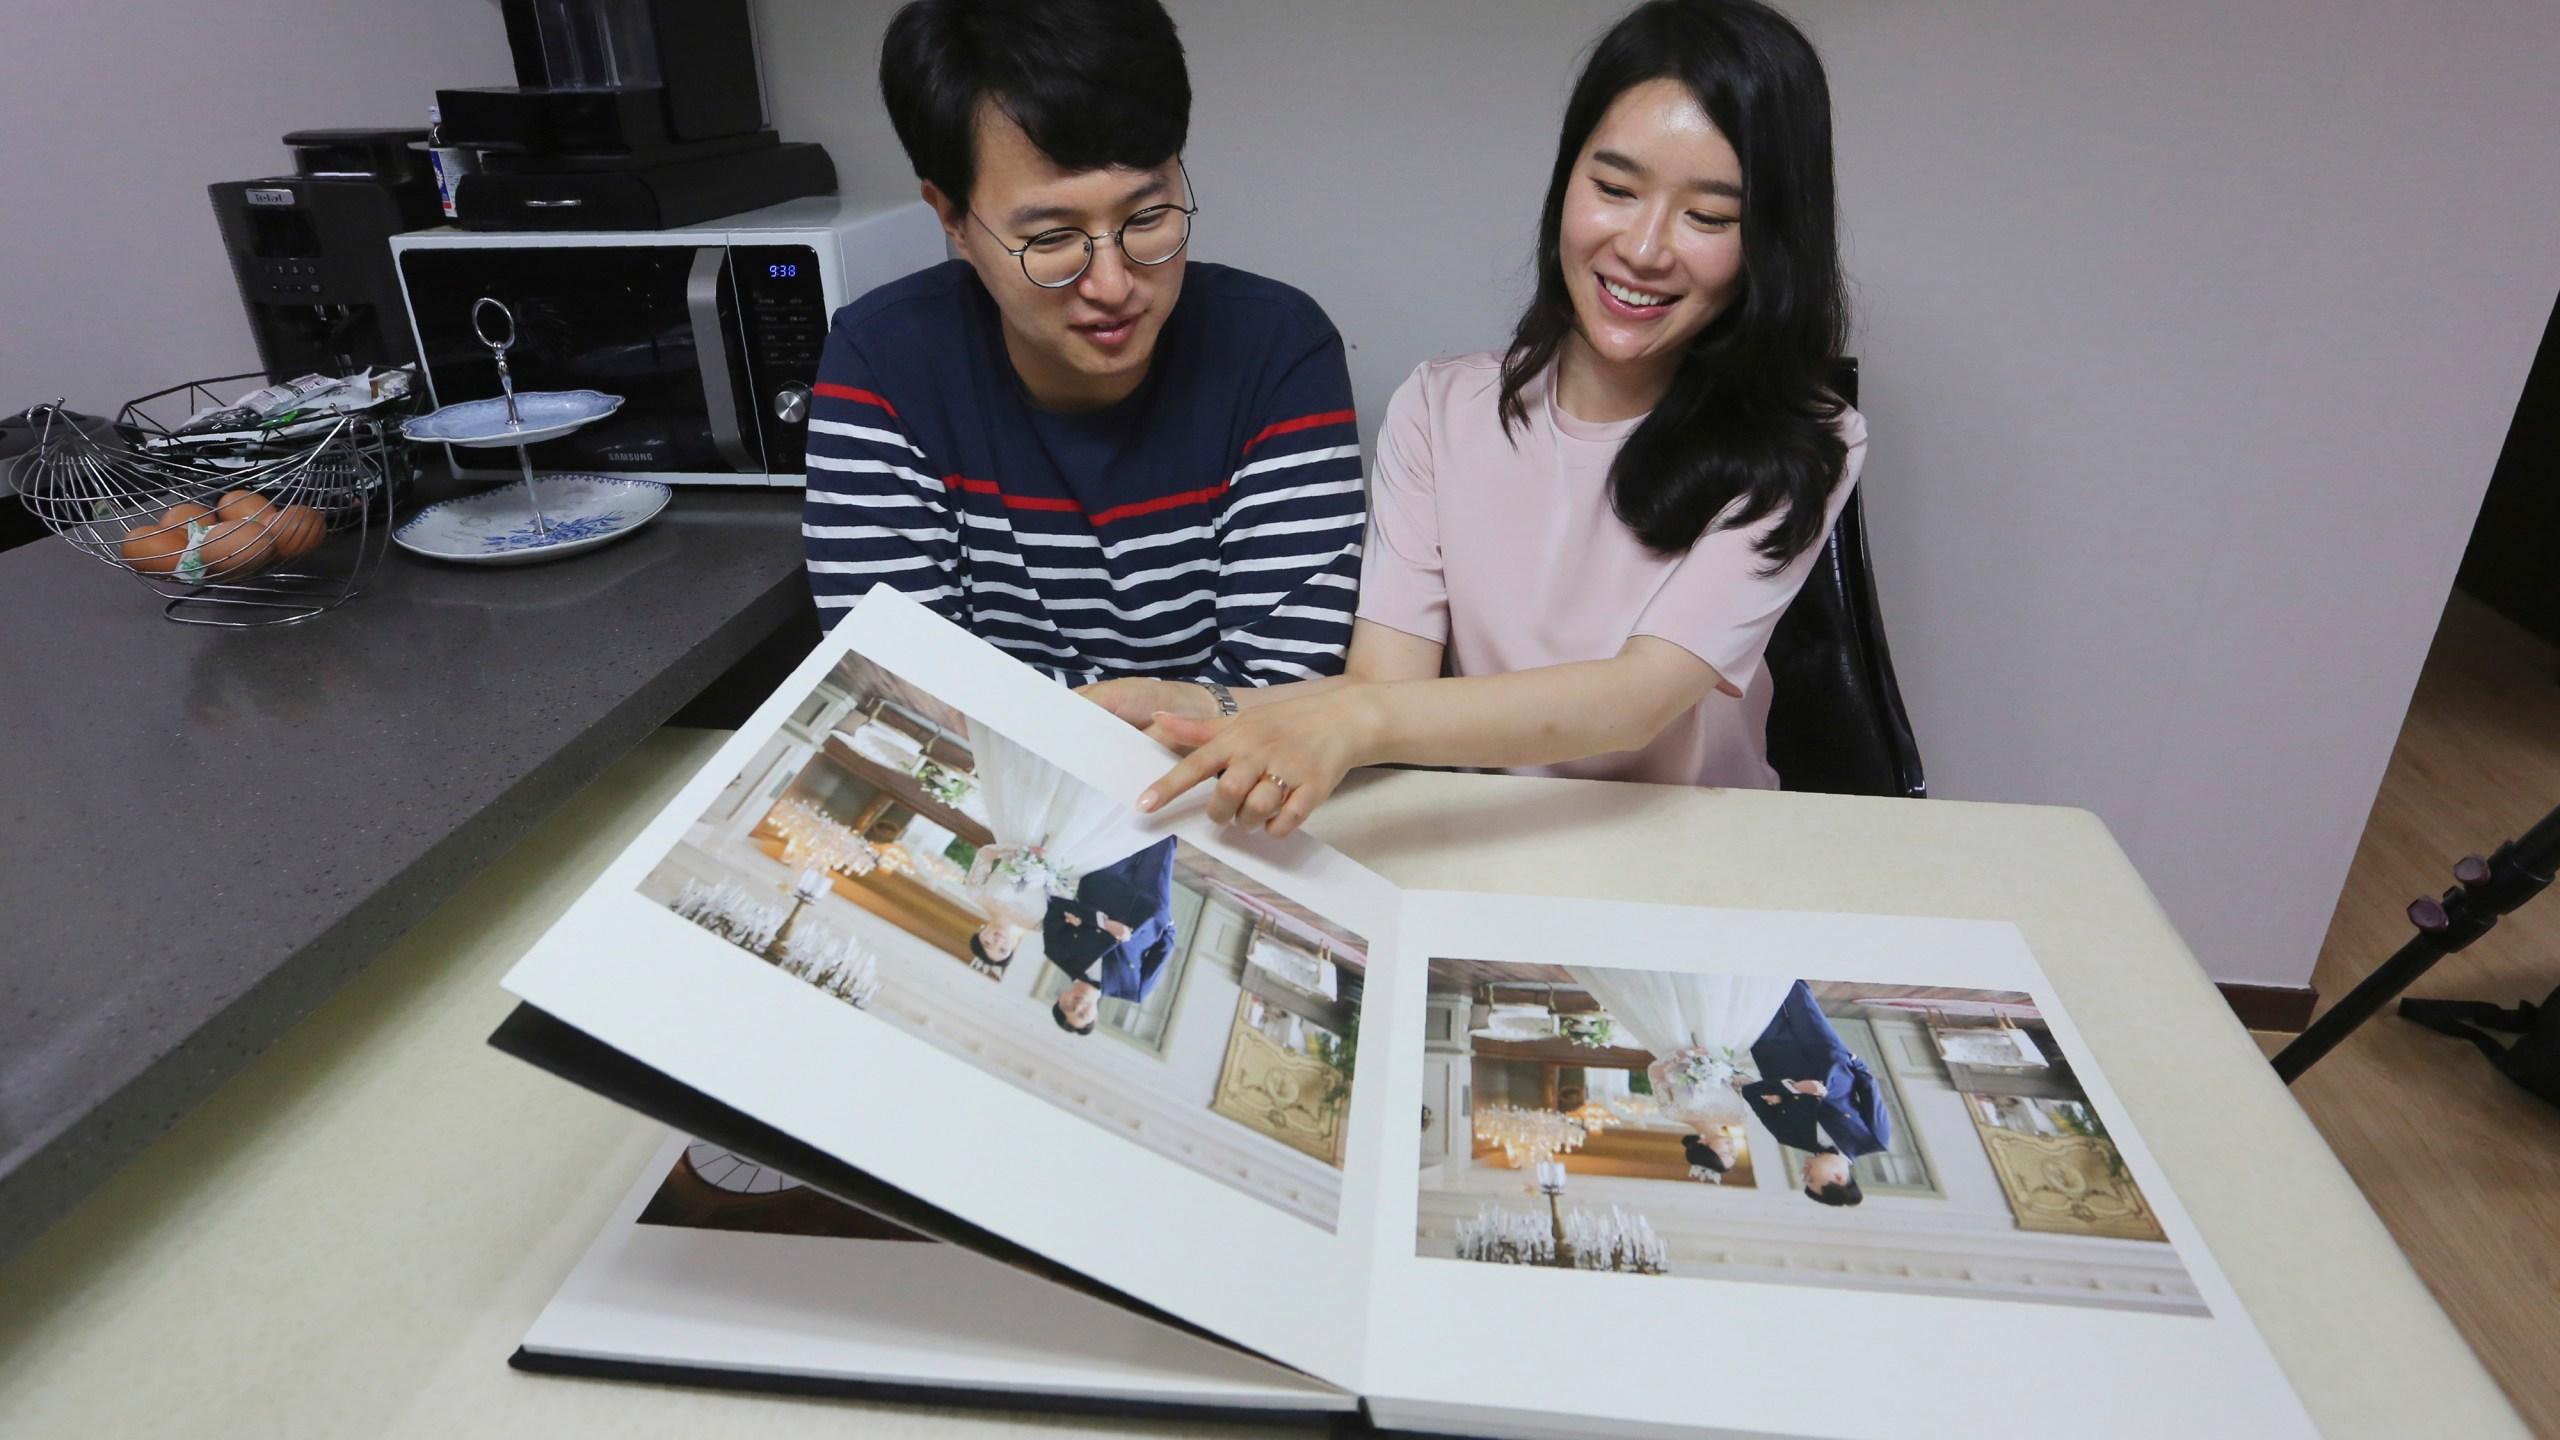 Kim Seo-yun, Lee Jeong-sup